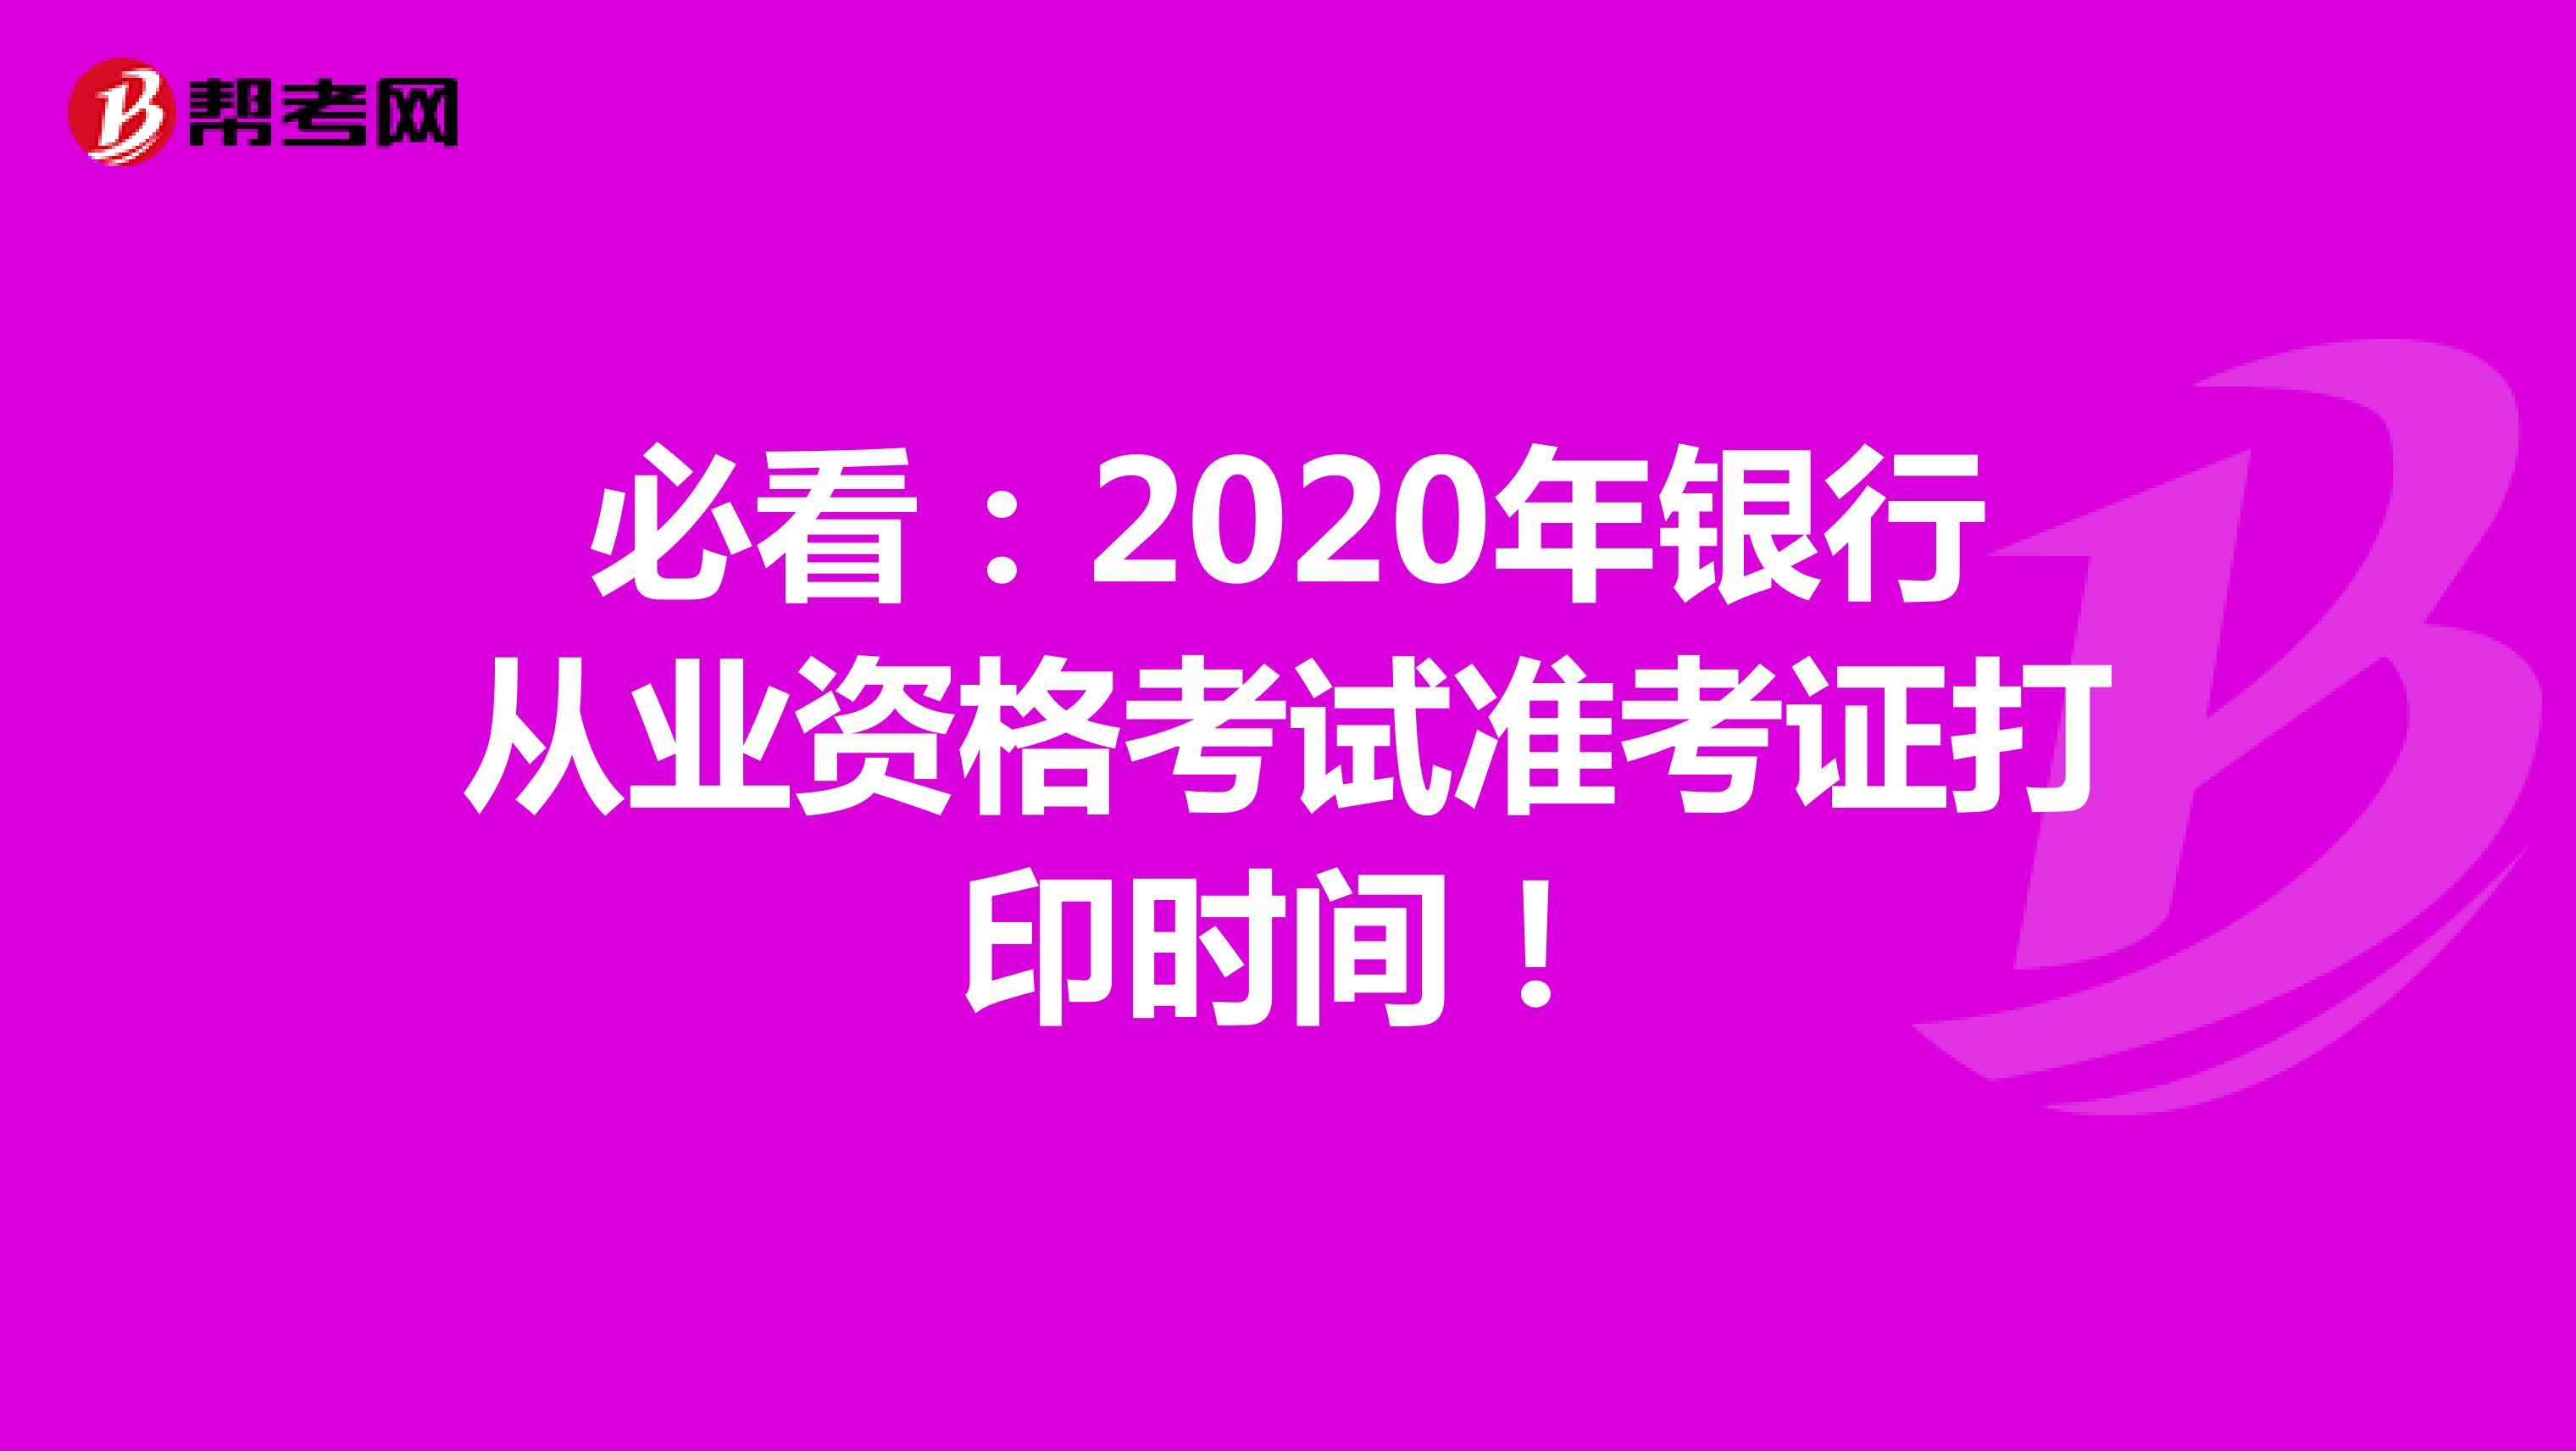 必看:2020年银行从业资格考试准考证打印时间!